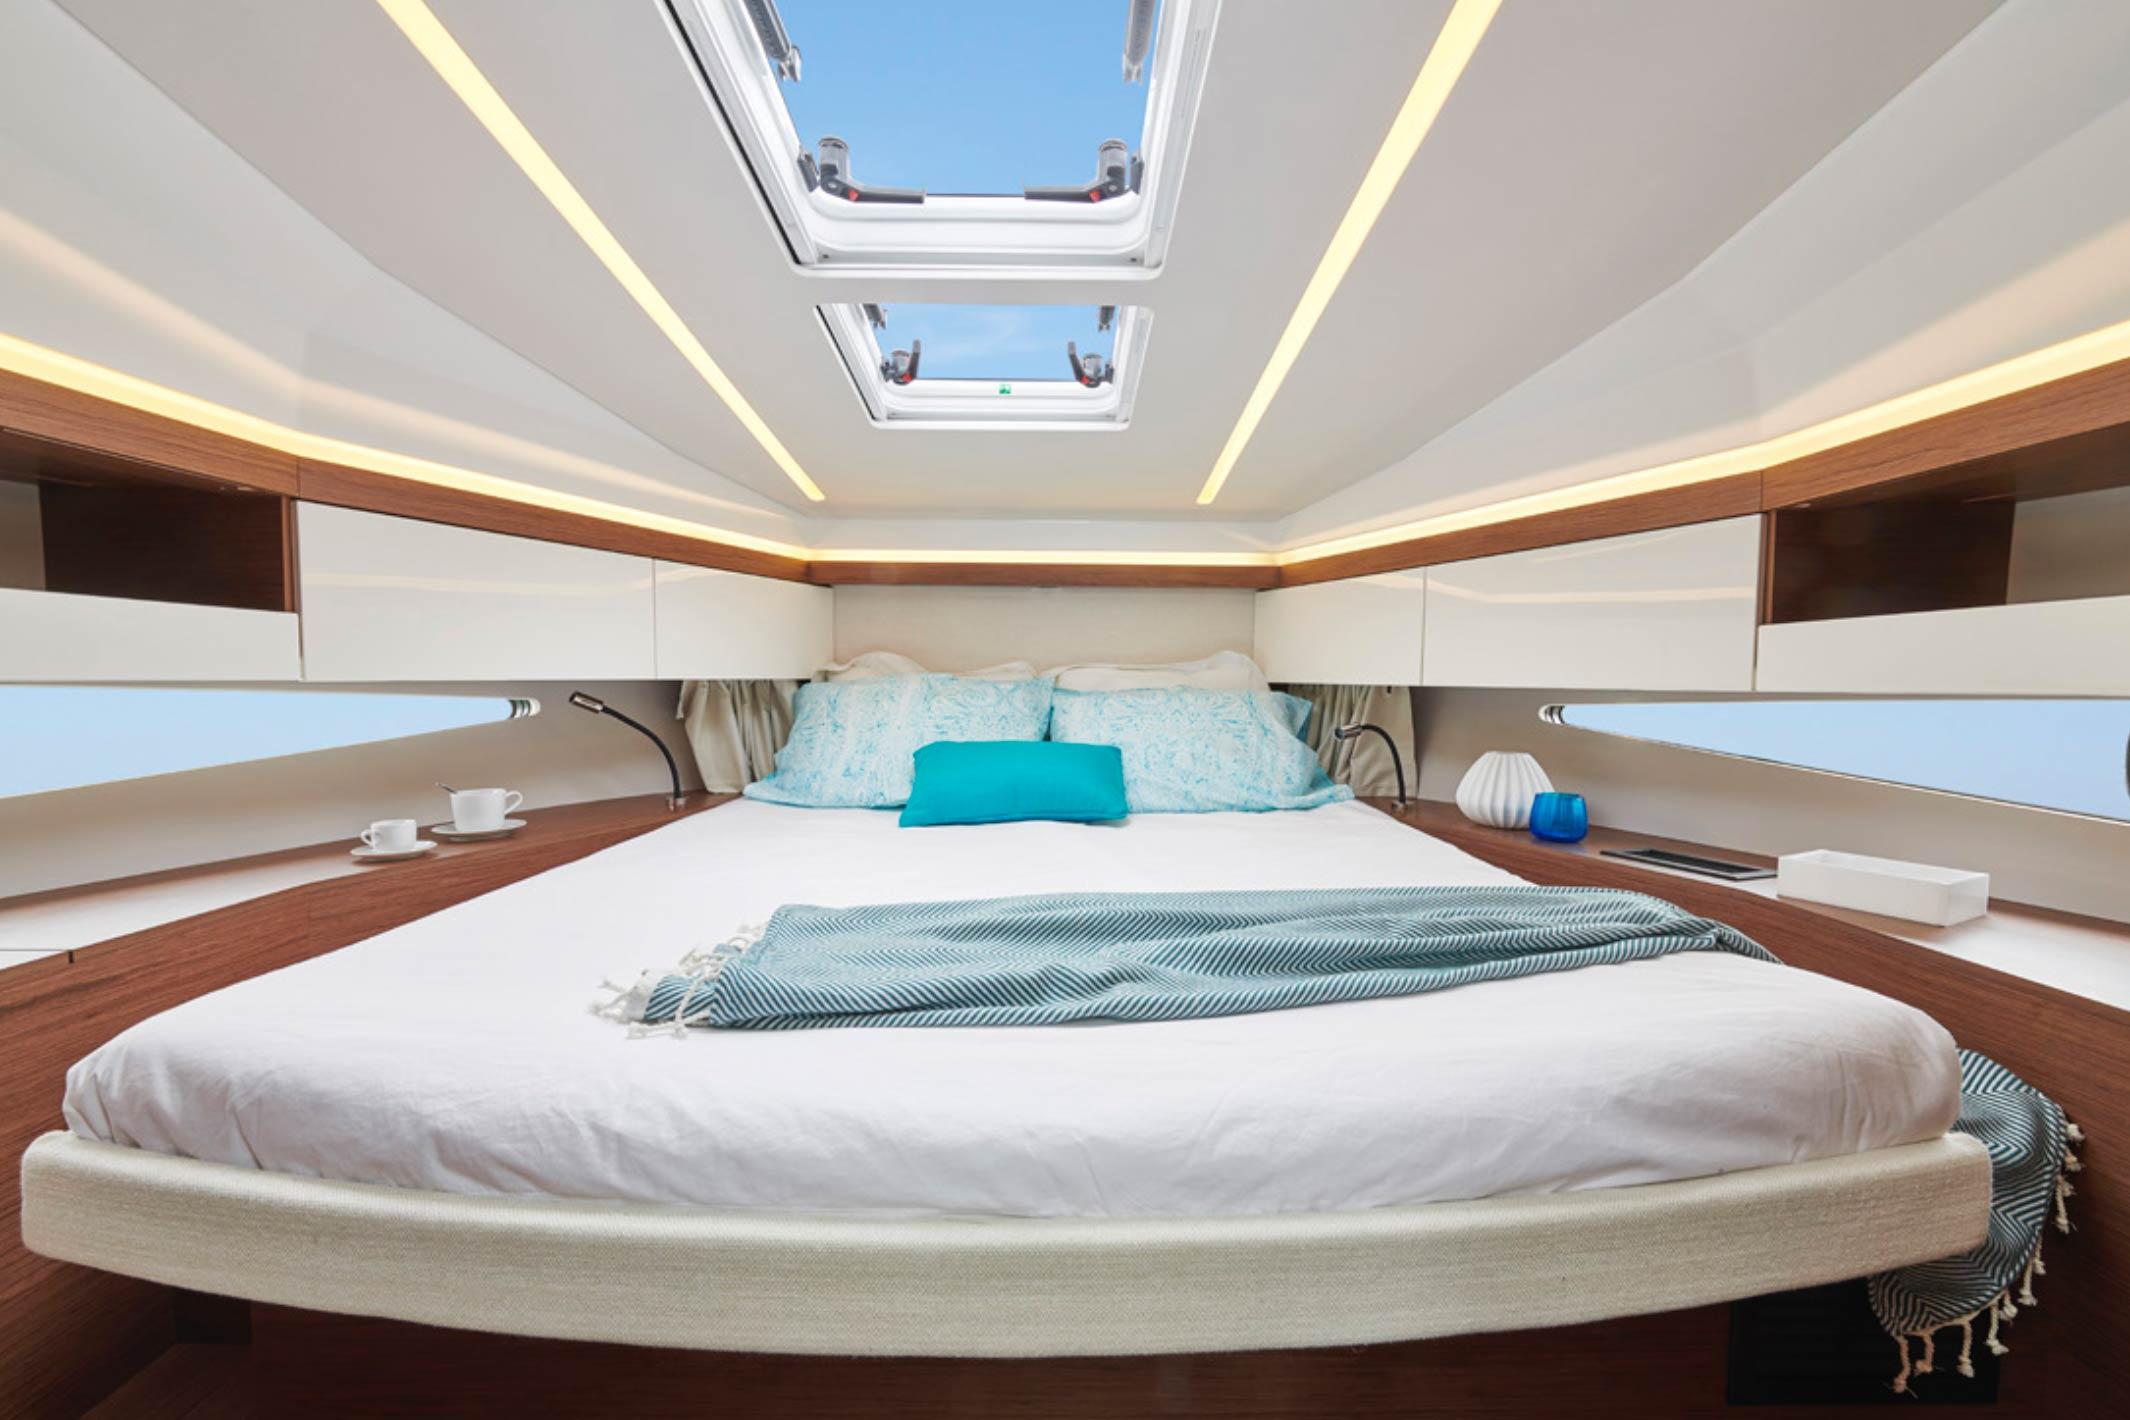 Vue intérieure Jeanneau NC37 nouveauté 2018 - Jeanneau Marseille - Yacht Méditerranée